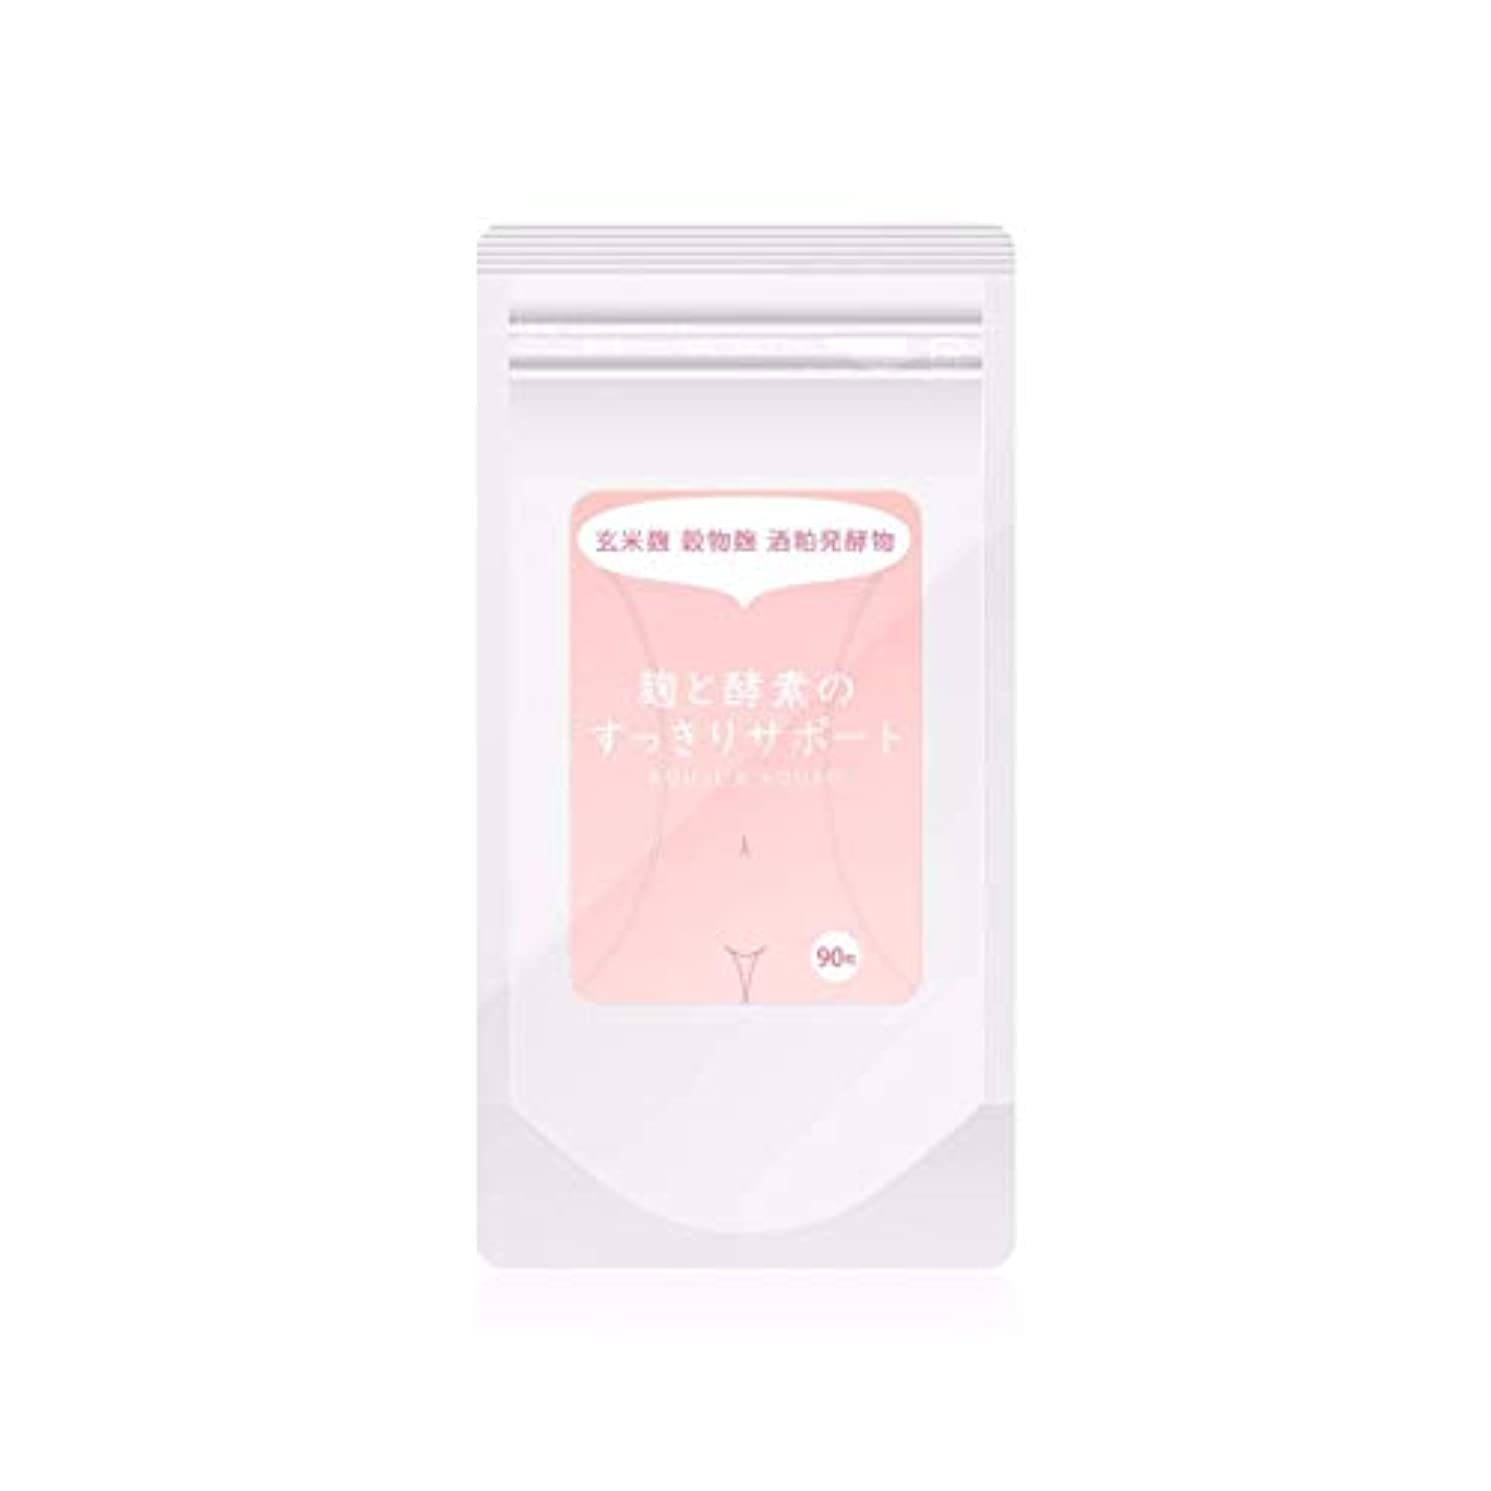 押し下げる浸すガラス麹と酵素のすっきりサポート ダイエット サプリ 女性 酵素 麹 90粒 1か月